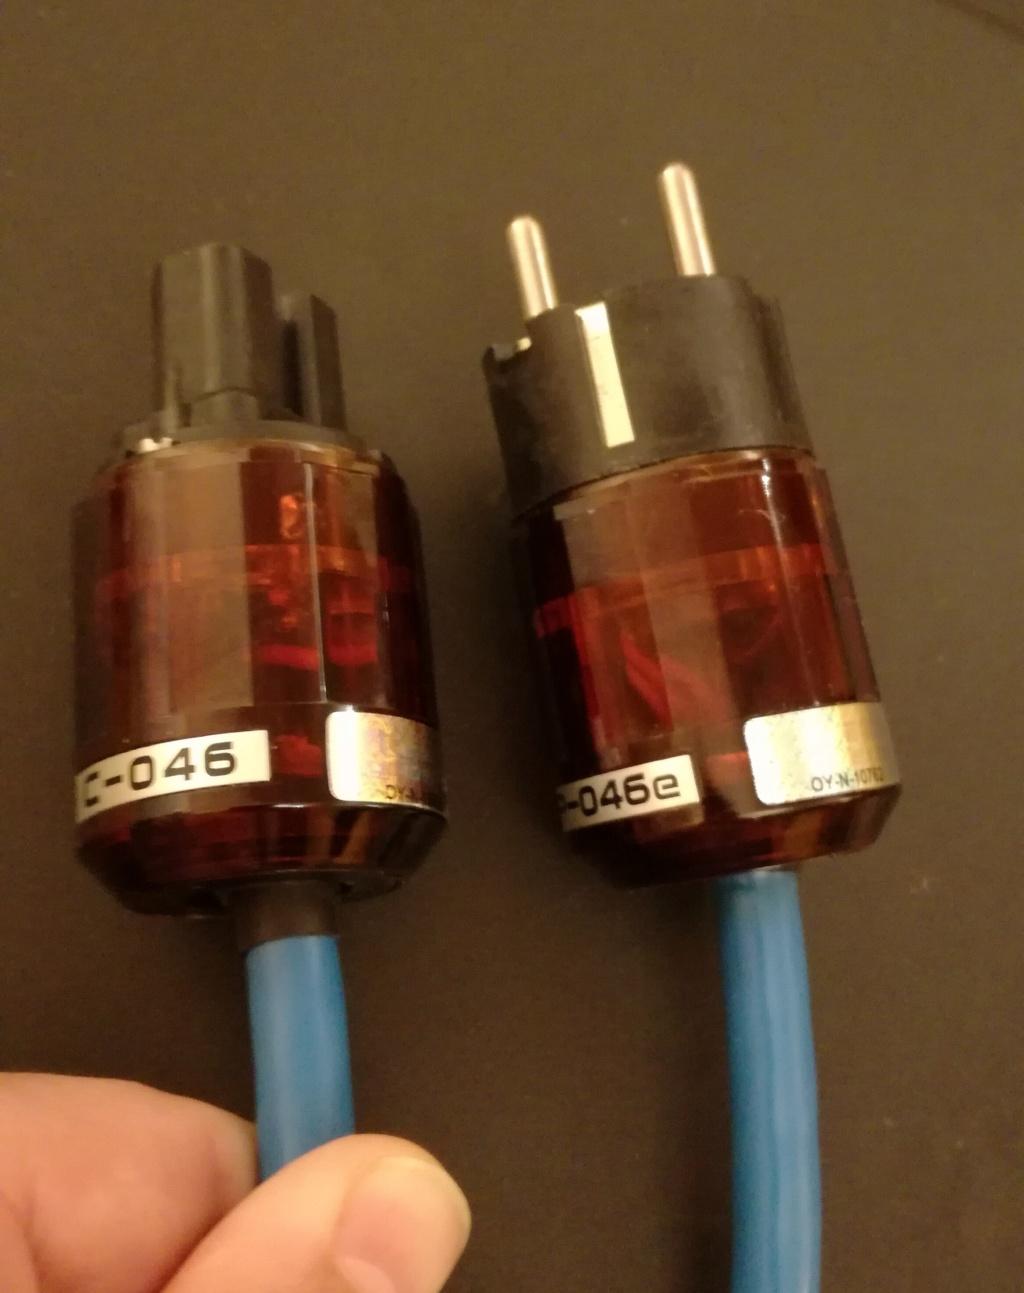 VENDIDO - Cable de red Groneberg Quattro Reference con Oyaide 046 o conectores sueltos Img_2079